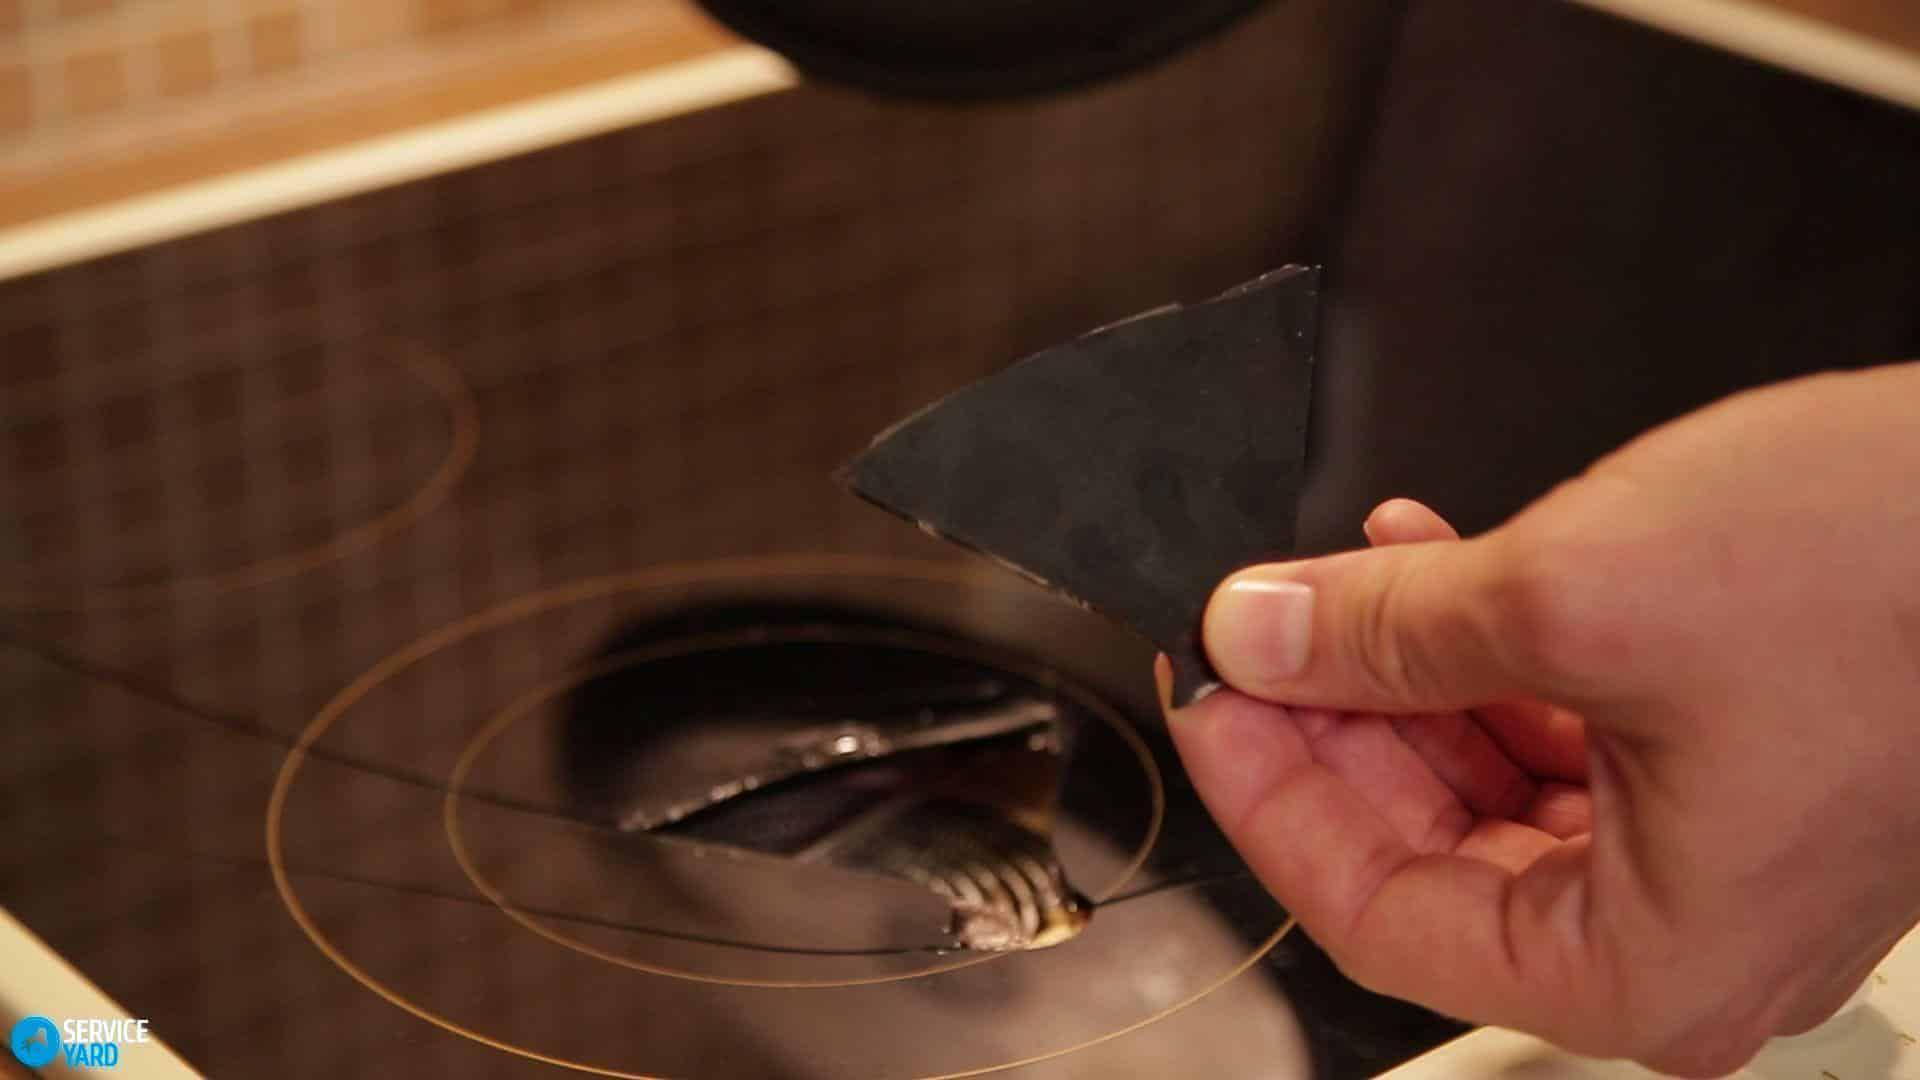 Стеклокерамика или закаленное стекло — что прочнее | Стеклокерамика или закаленное стекло: что лучше